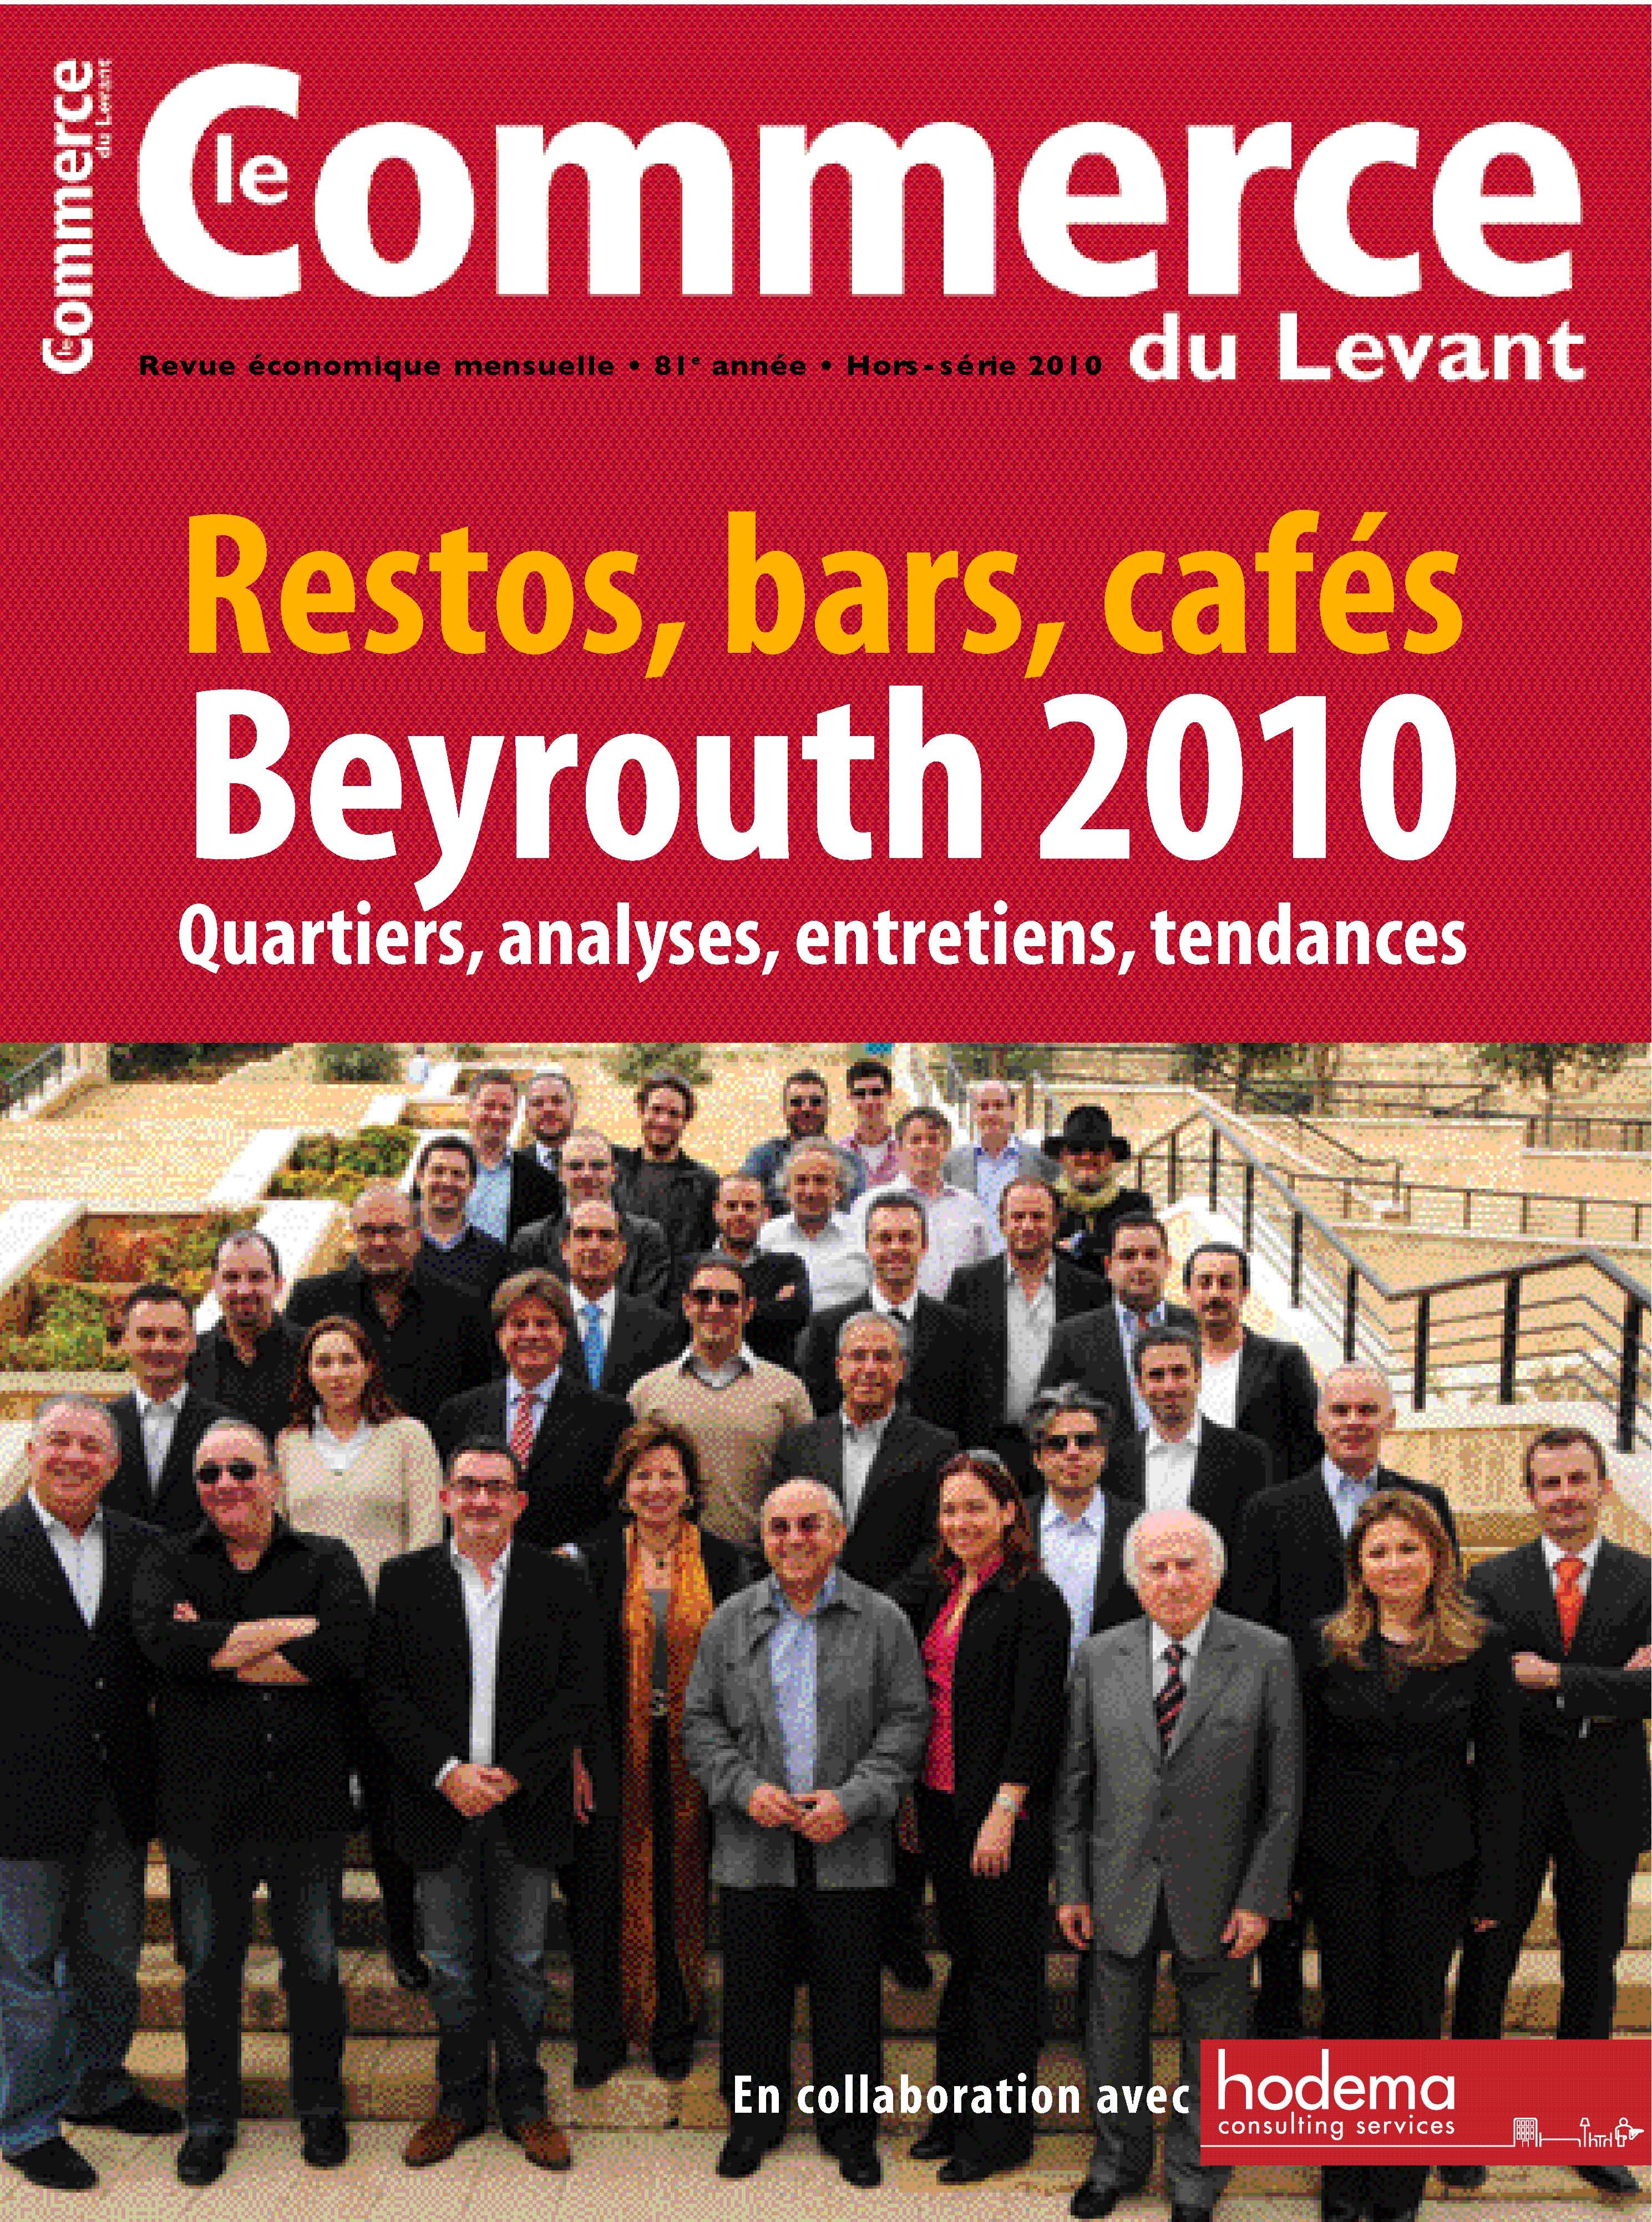 Le commerce du levant: restos, bars, cafés beyrouth 2010: hors série avril 2010